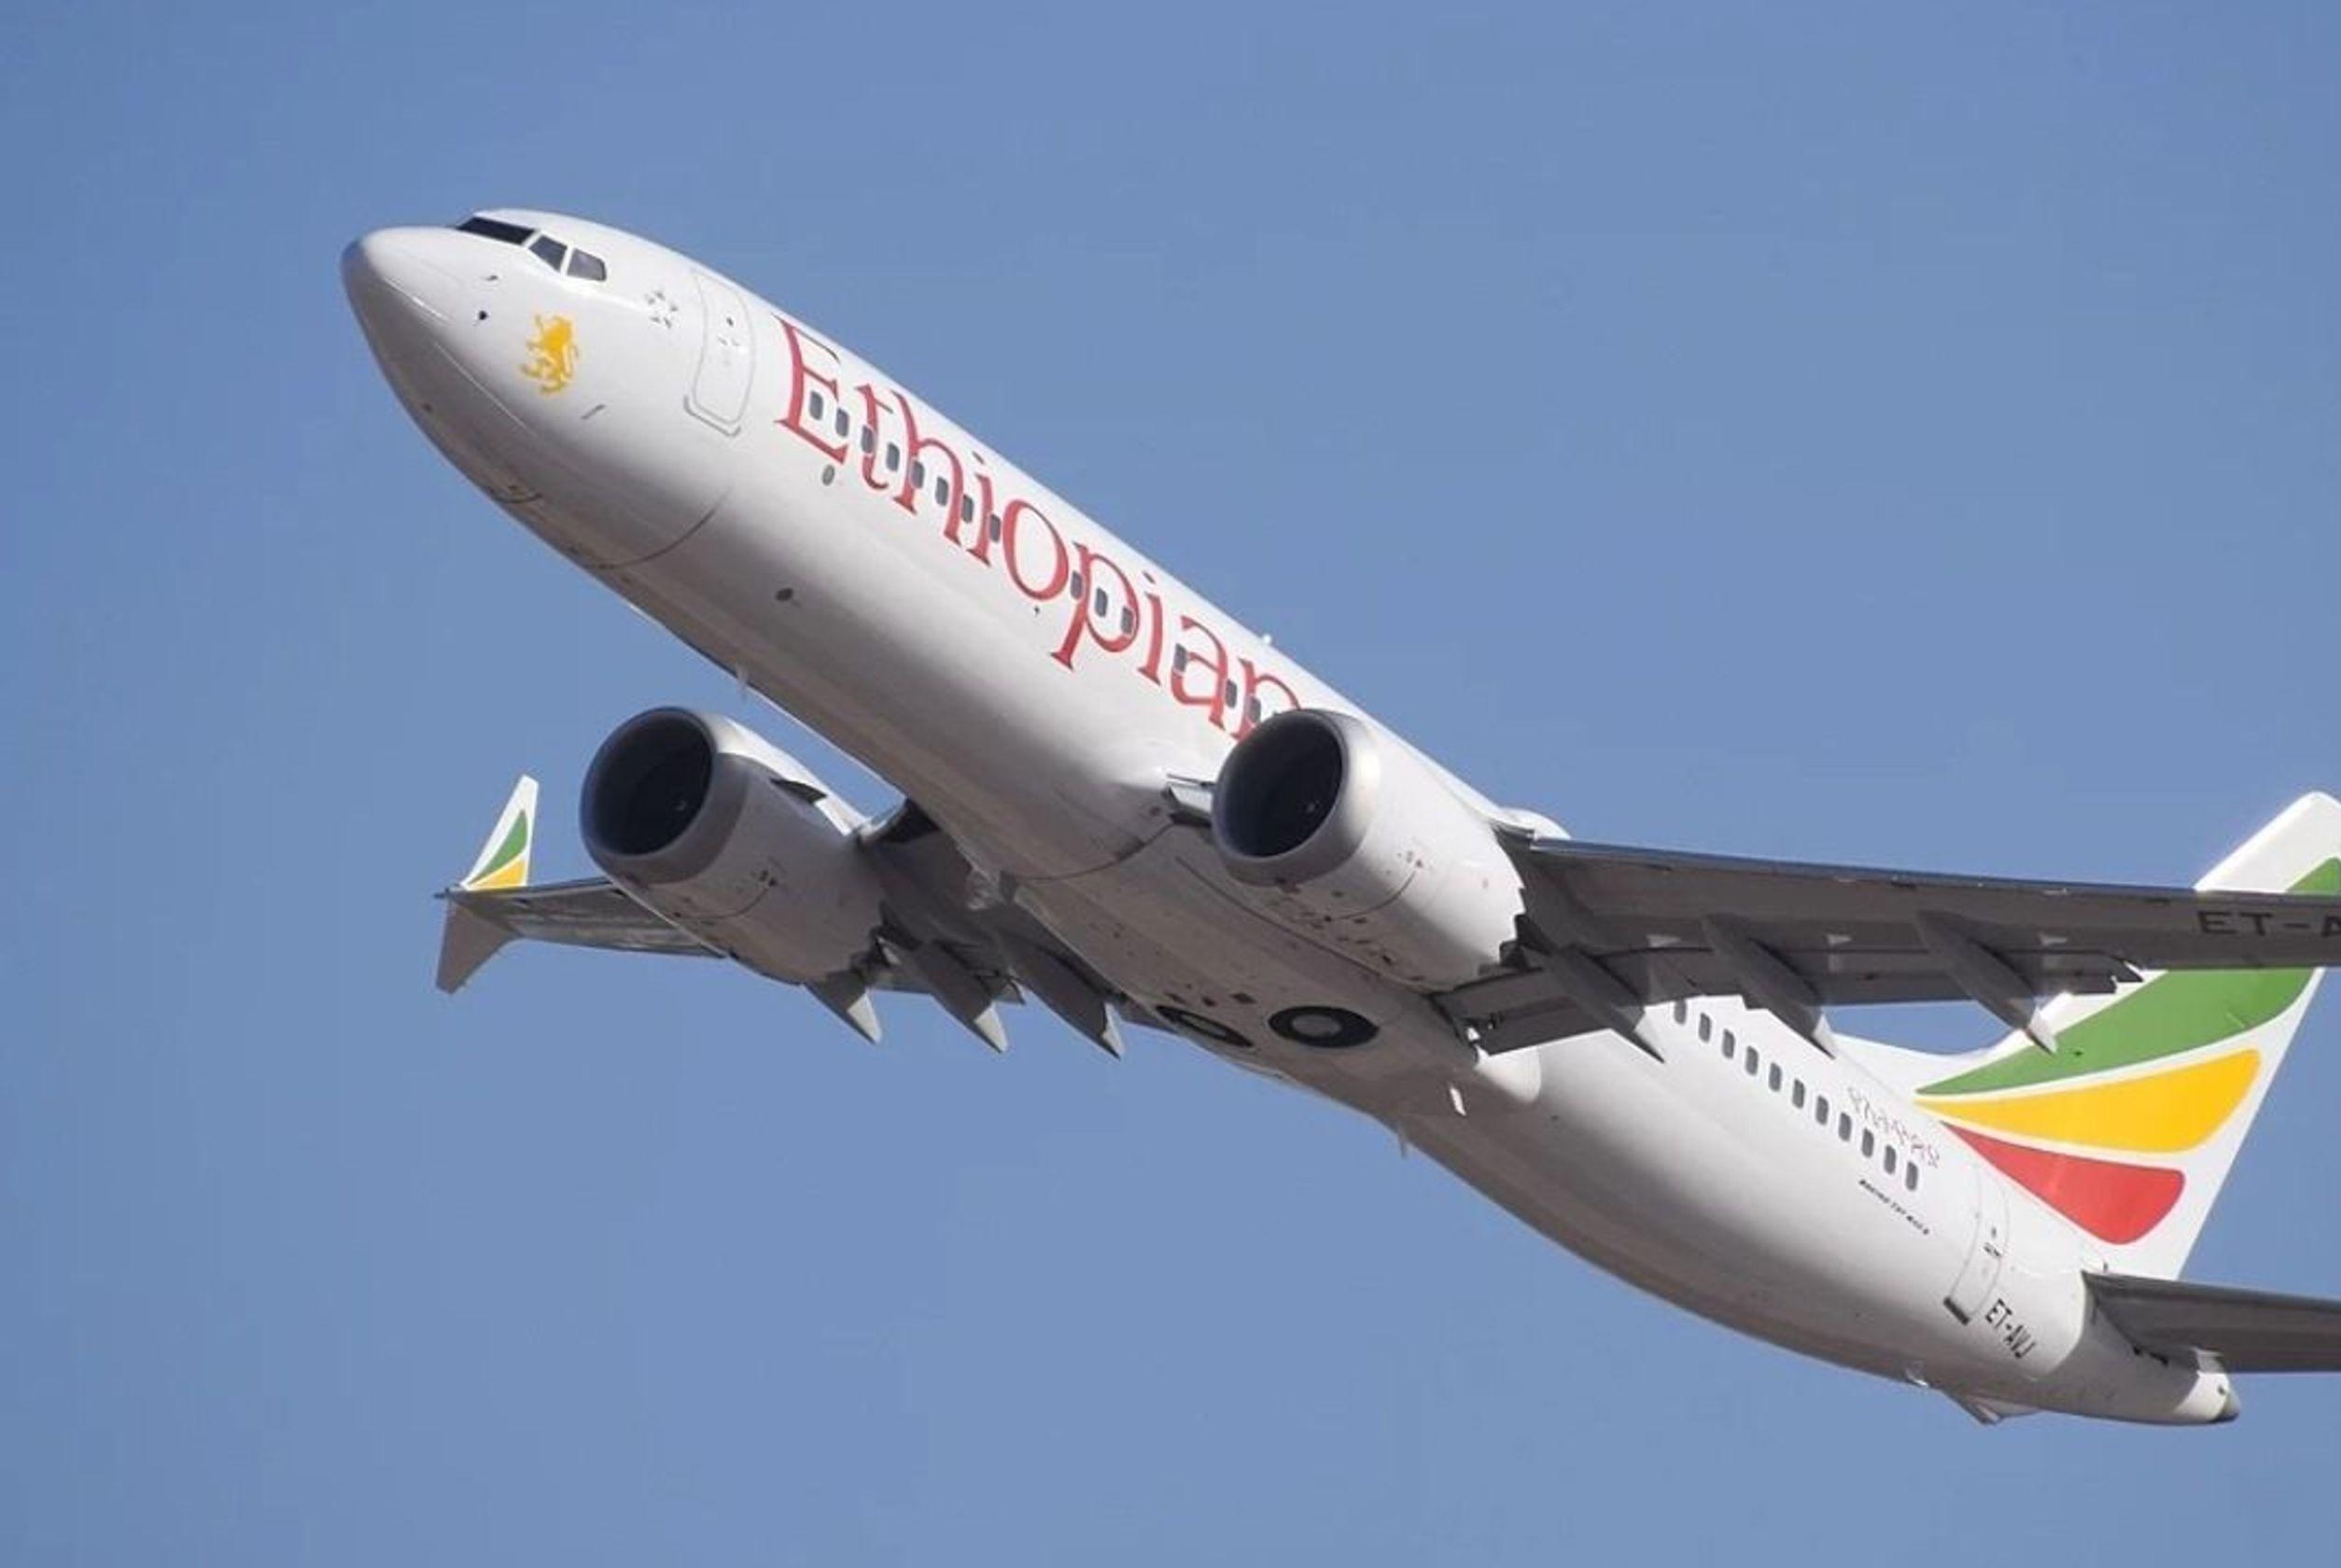 事情很微妙!欧洲航空局缺席波音会议!波音4600架飞机订单凉了?